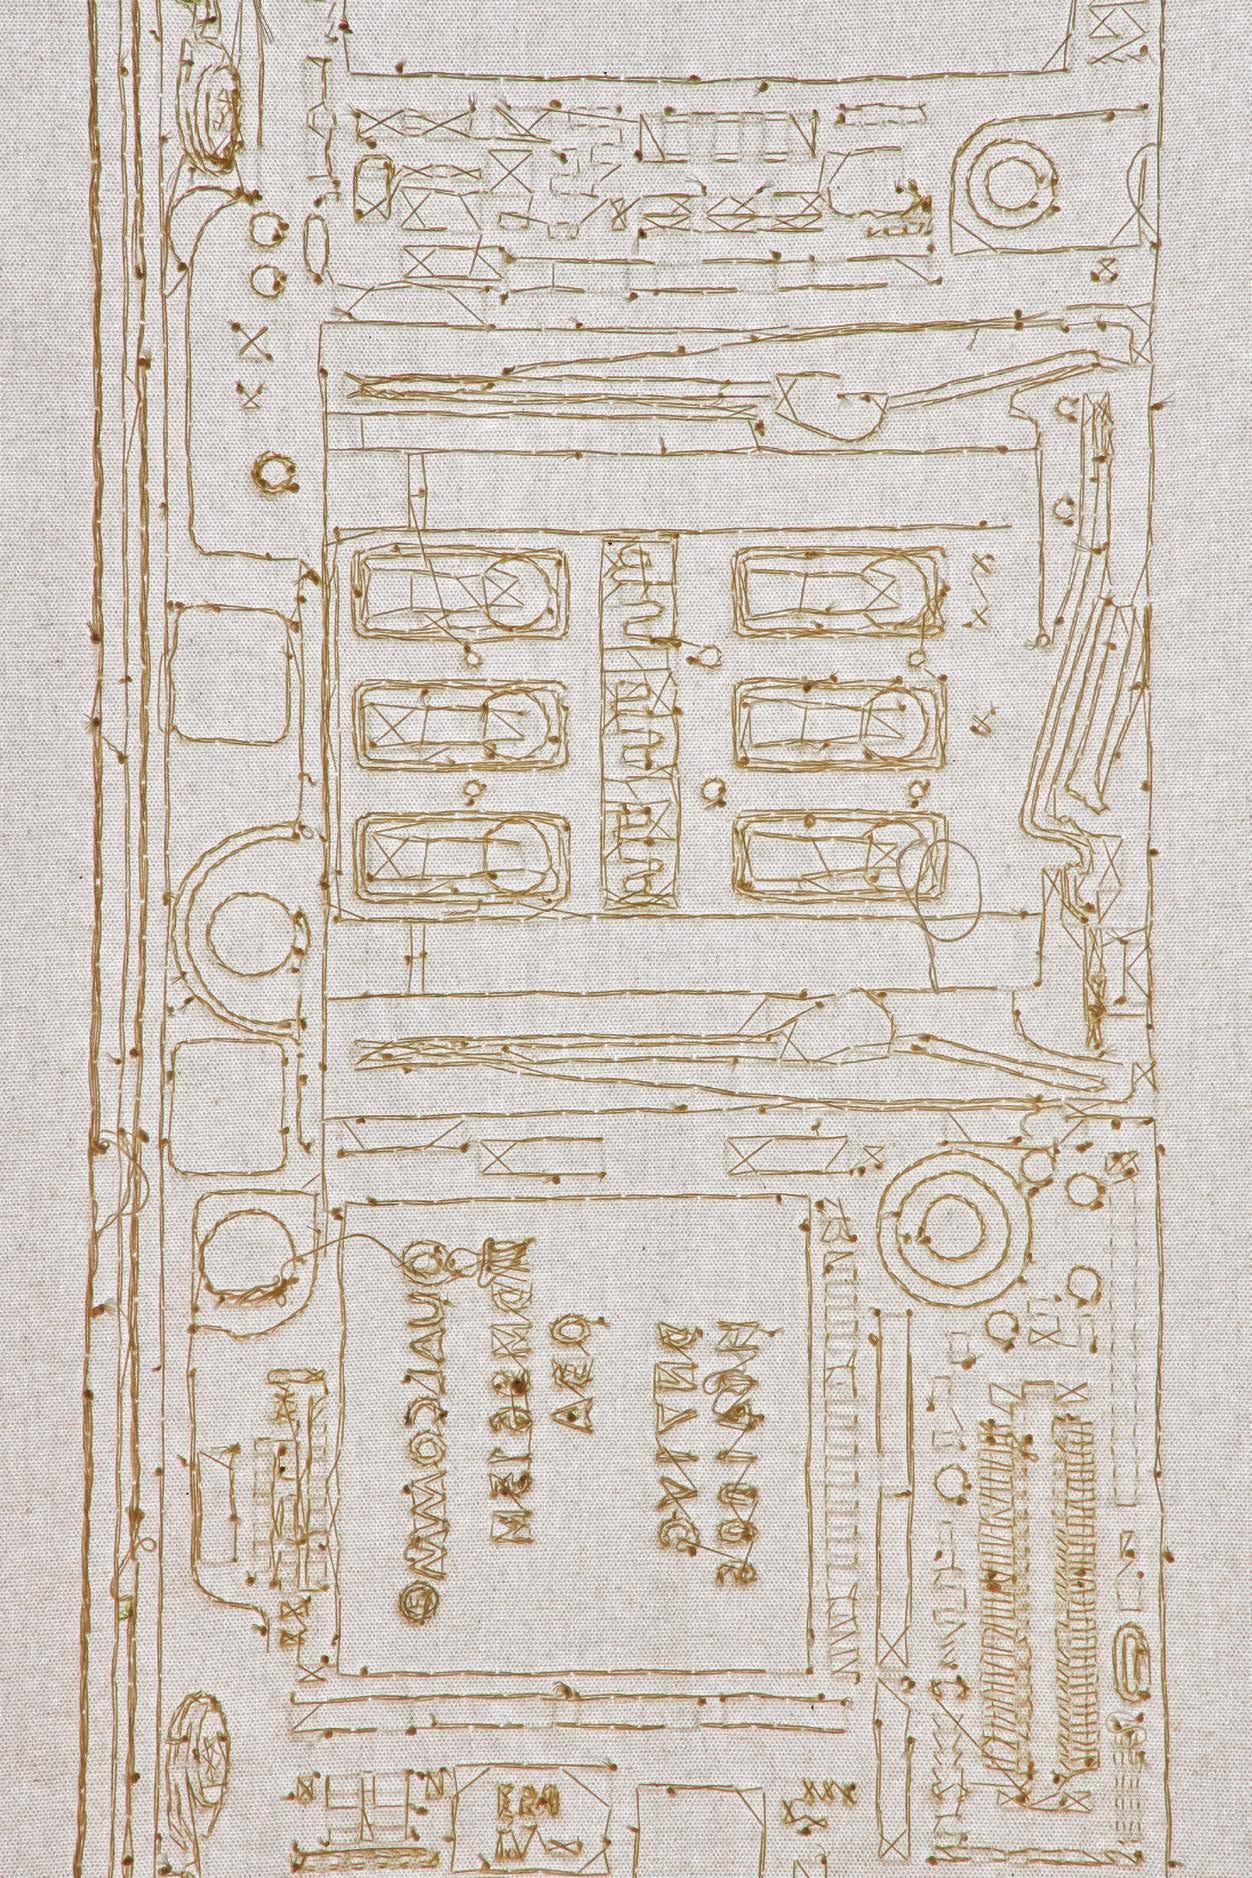 <p>CNA秋田ケーブルテレビ特別賞</p> <p>「日常のなかに」</p> <p>杉井 菜々子 Sugii Nanako<br /> (ビジュアルアーツ専攻)</p> <p>一見すると白い布が展示されているだけのようだが、作品の細部を見ると、この布を解いた糸で刺繍された存在に気付く。あらためて作品全体を見ると大きなスマートフォンの電子基板が出現する。いつも持ち歩く情報伝達のツールとしか捉えていなかったスマートフォンが壊れてしまったことで、見過ごしてしまうカタチが日常には多く存在しているということを問いかけている。丹念にひと針ずつされた刺繍の完成度も高く優れた作品である。</p> <p>平面作品</p>